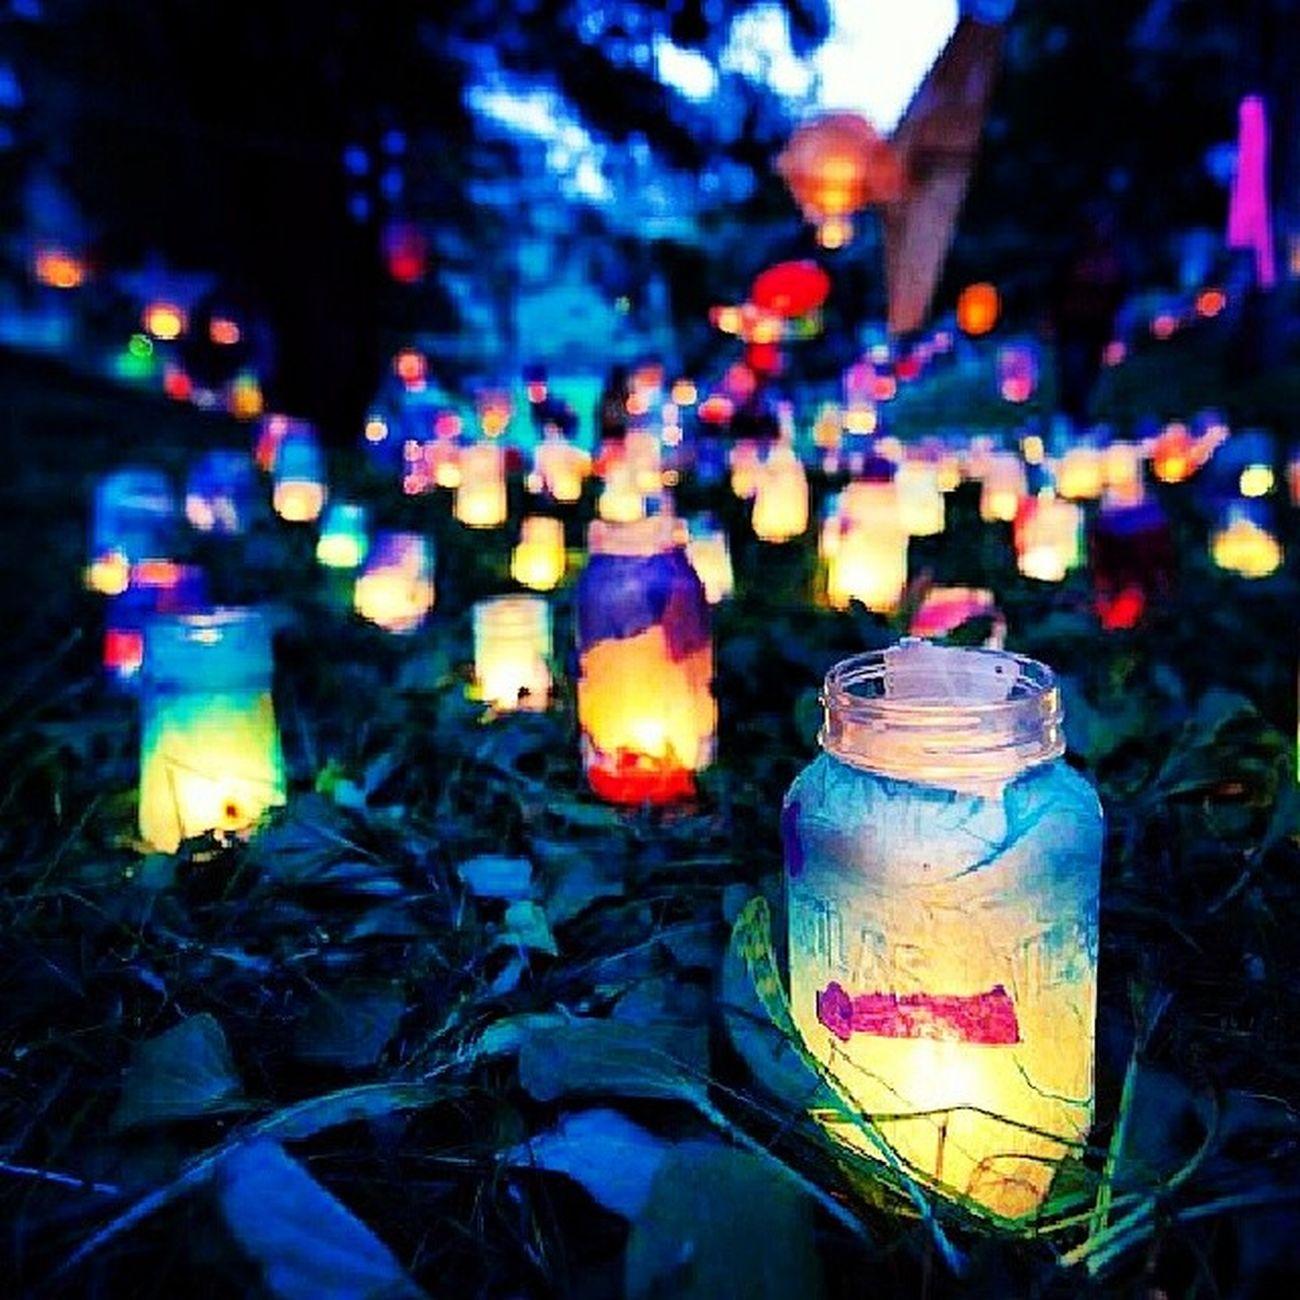 Lights and you ♡ Lights Instalights Andyou Likecrazy lovelovelove instamoment